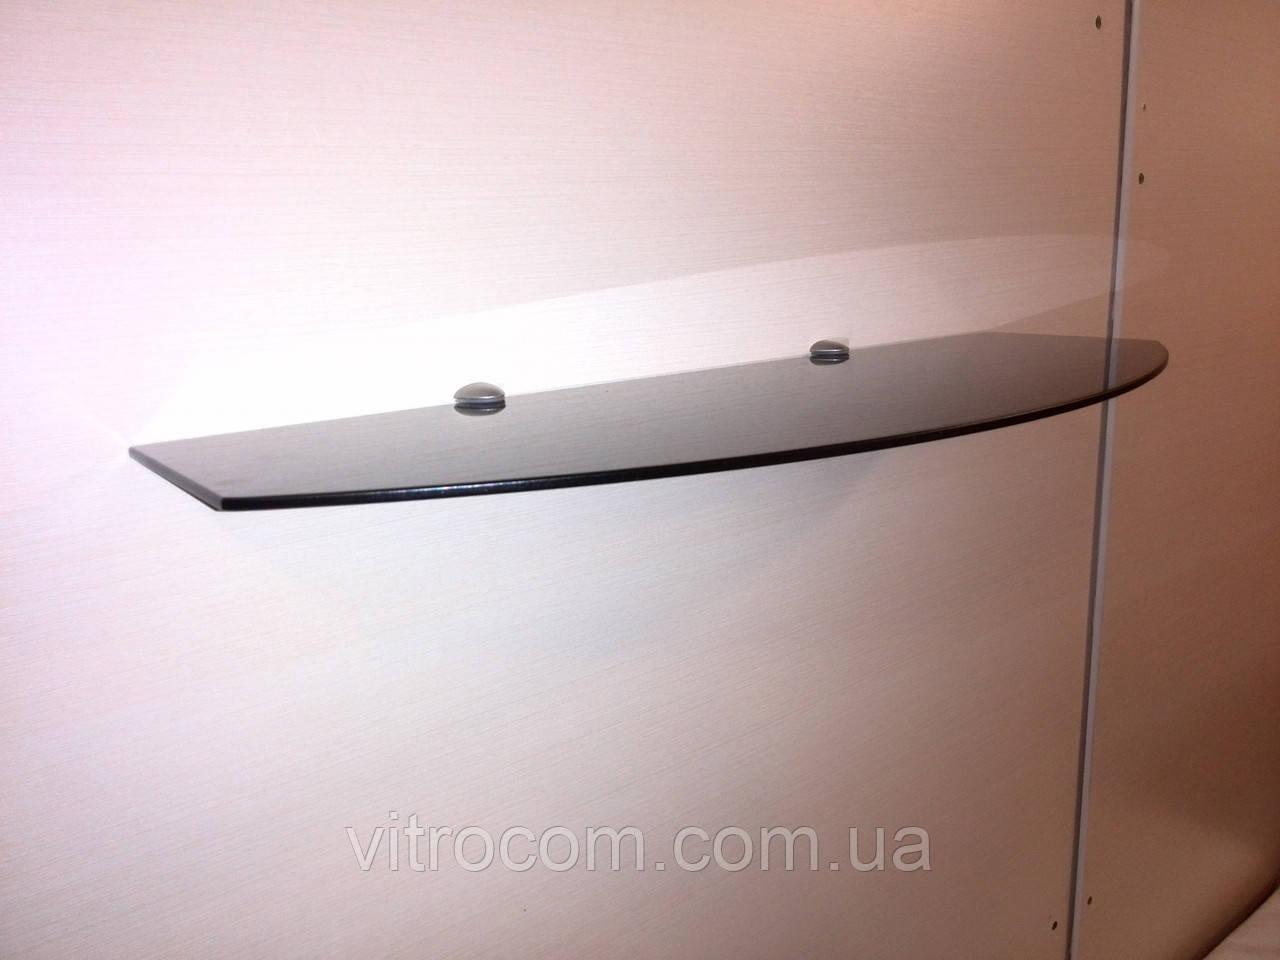 Полка стеклянная фигурная 6 мм крашенная 60 х 30 см чёрная